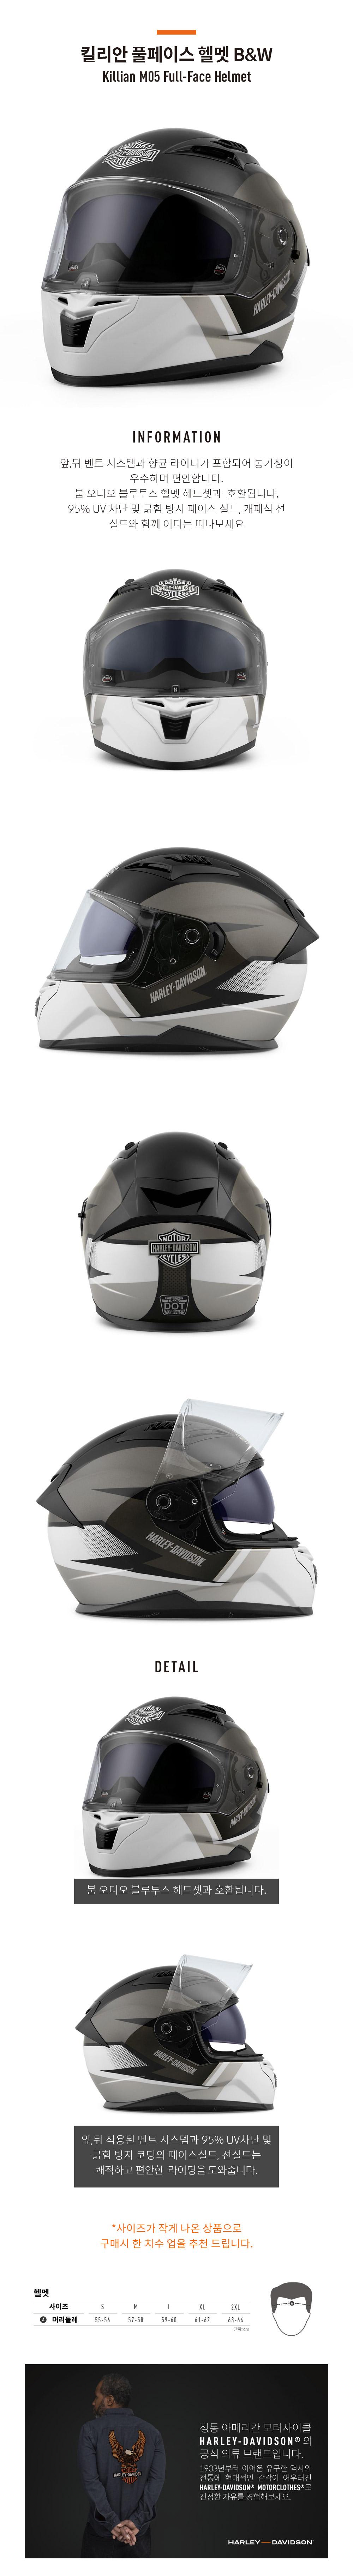 할리데이비슨 킬리안 풀페이스 헬멧 B&W